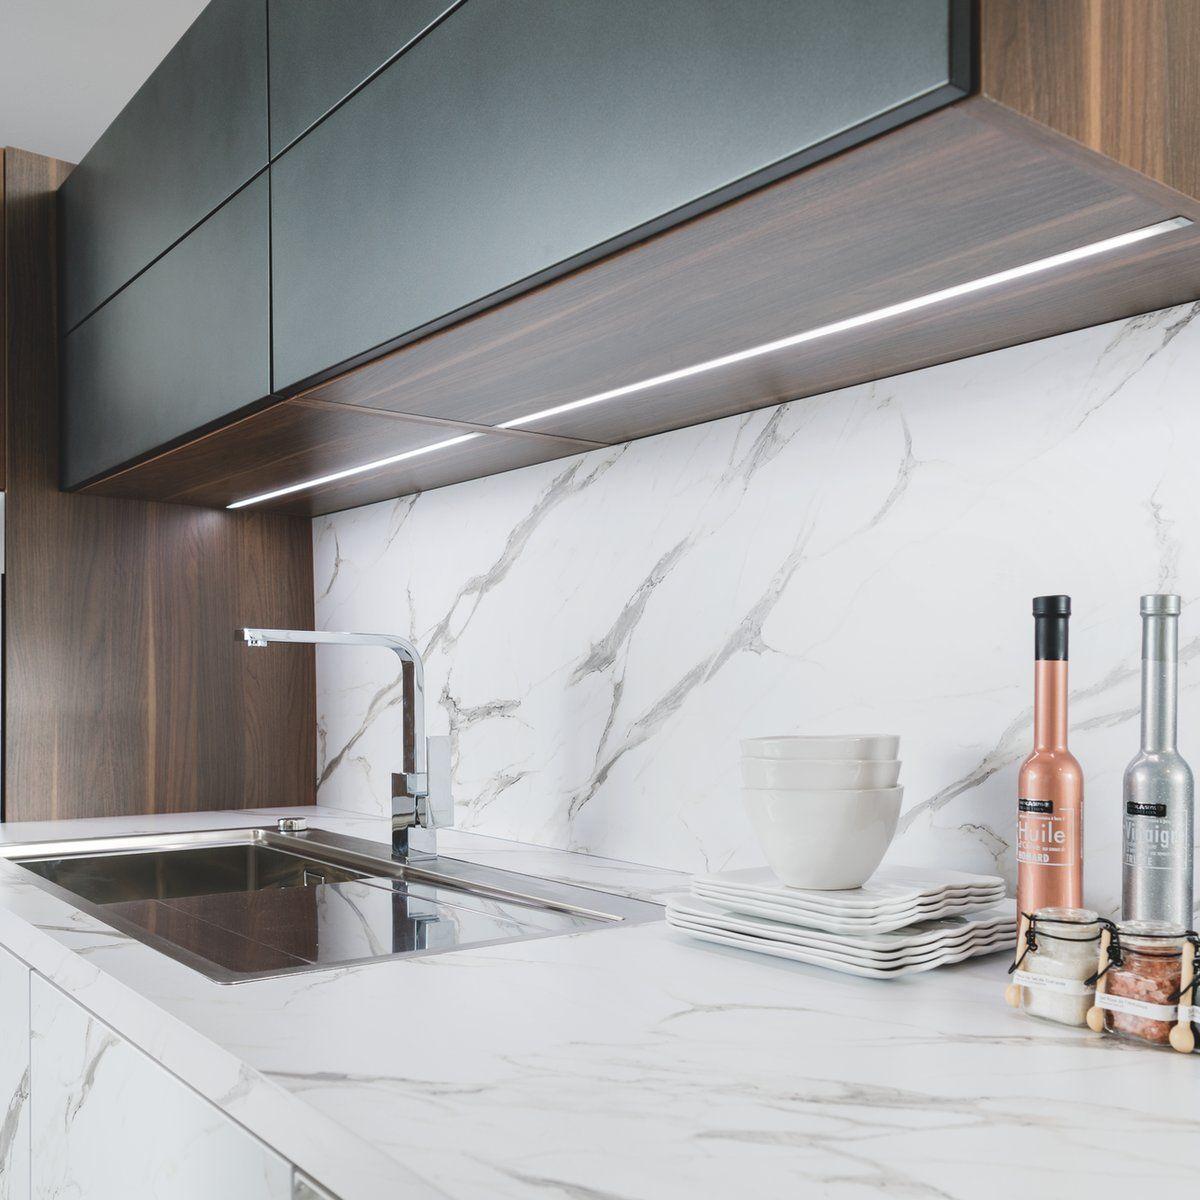 Éclairage Plan De Travail Cuisine Led rail led encastré sous le meuble haut de la cuisine arcos